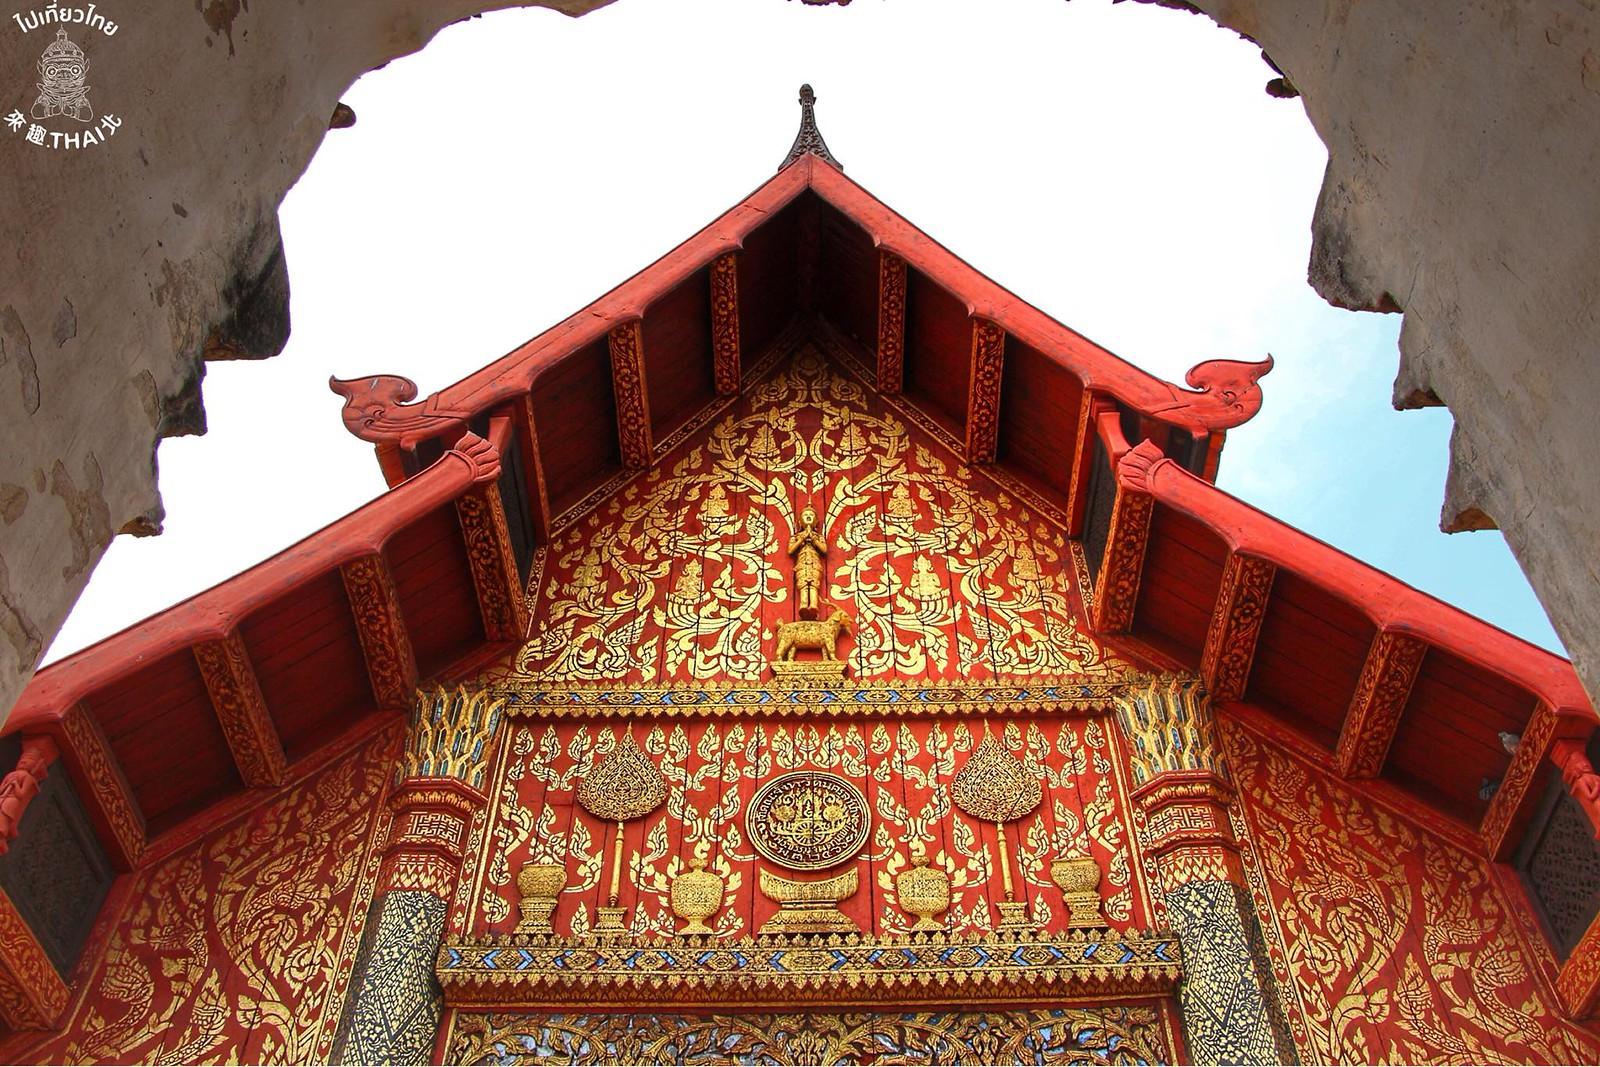 蘭納時期最美麗的木製佛寺-南邦鑾寺